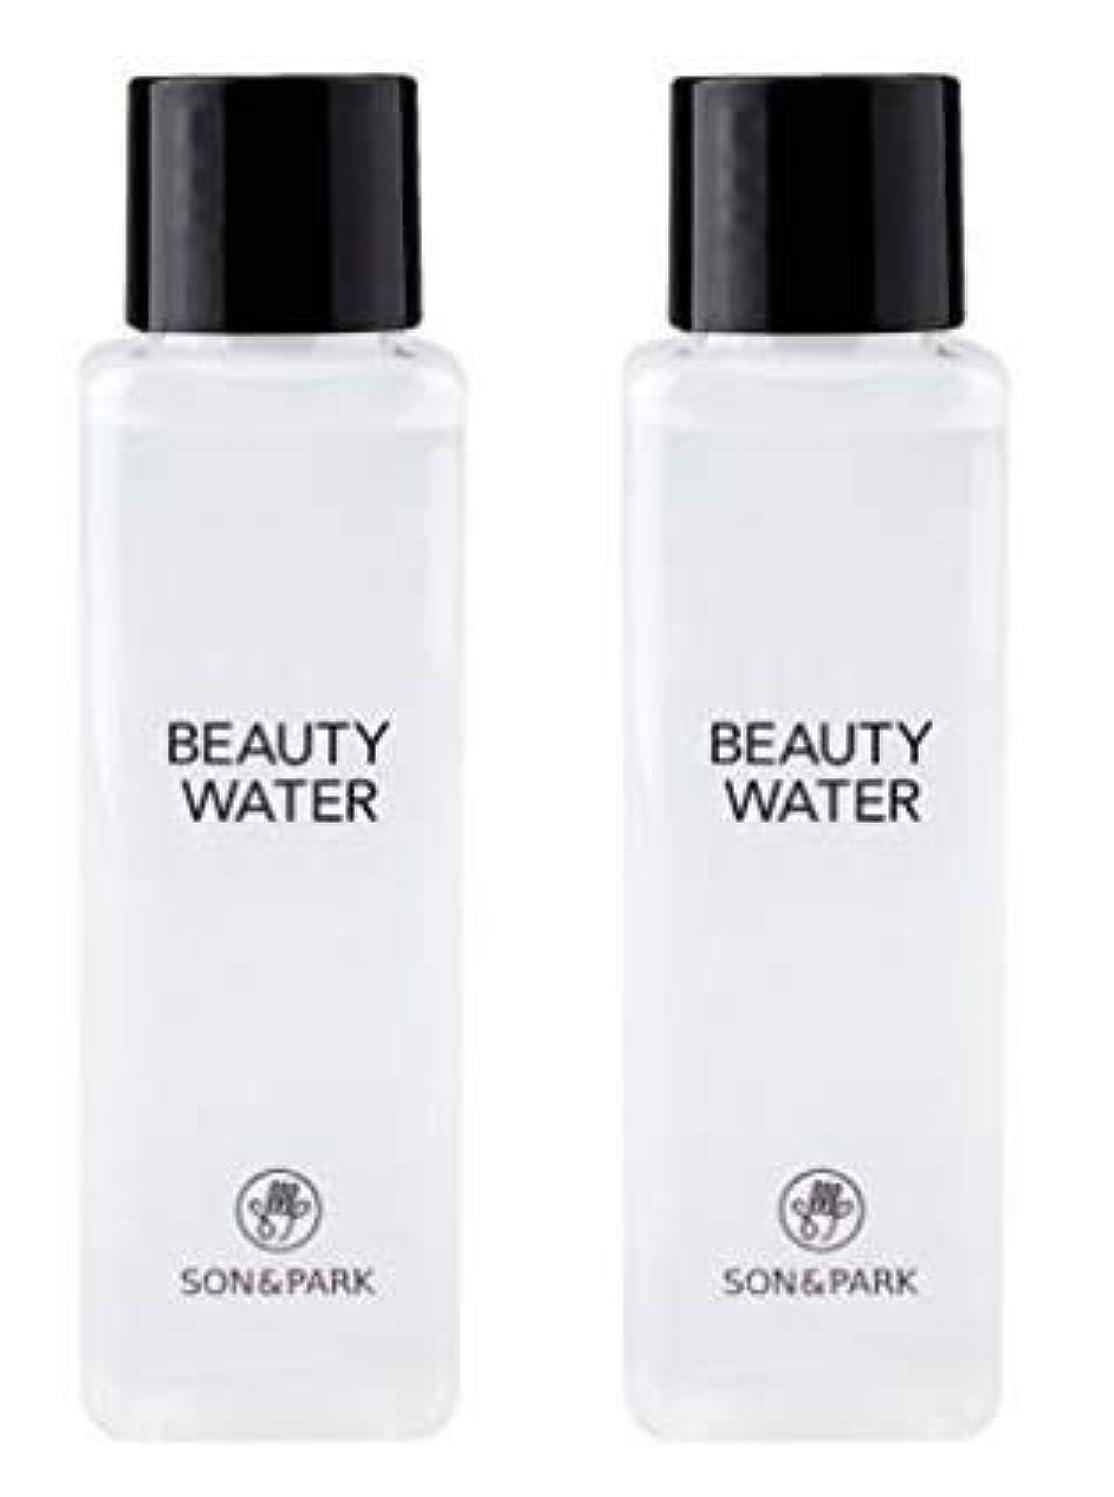 債務者複雑な咽頭SON&PARK Beauty Water 60ml*2 / ソン&パク ビューティー ウォーター 60ml*2 [並行輸入品]